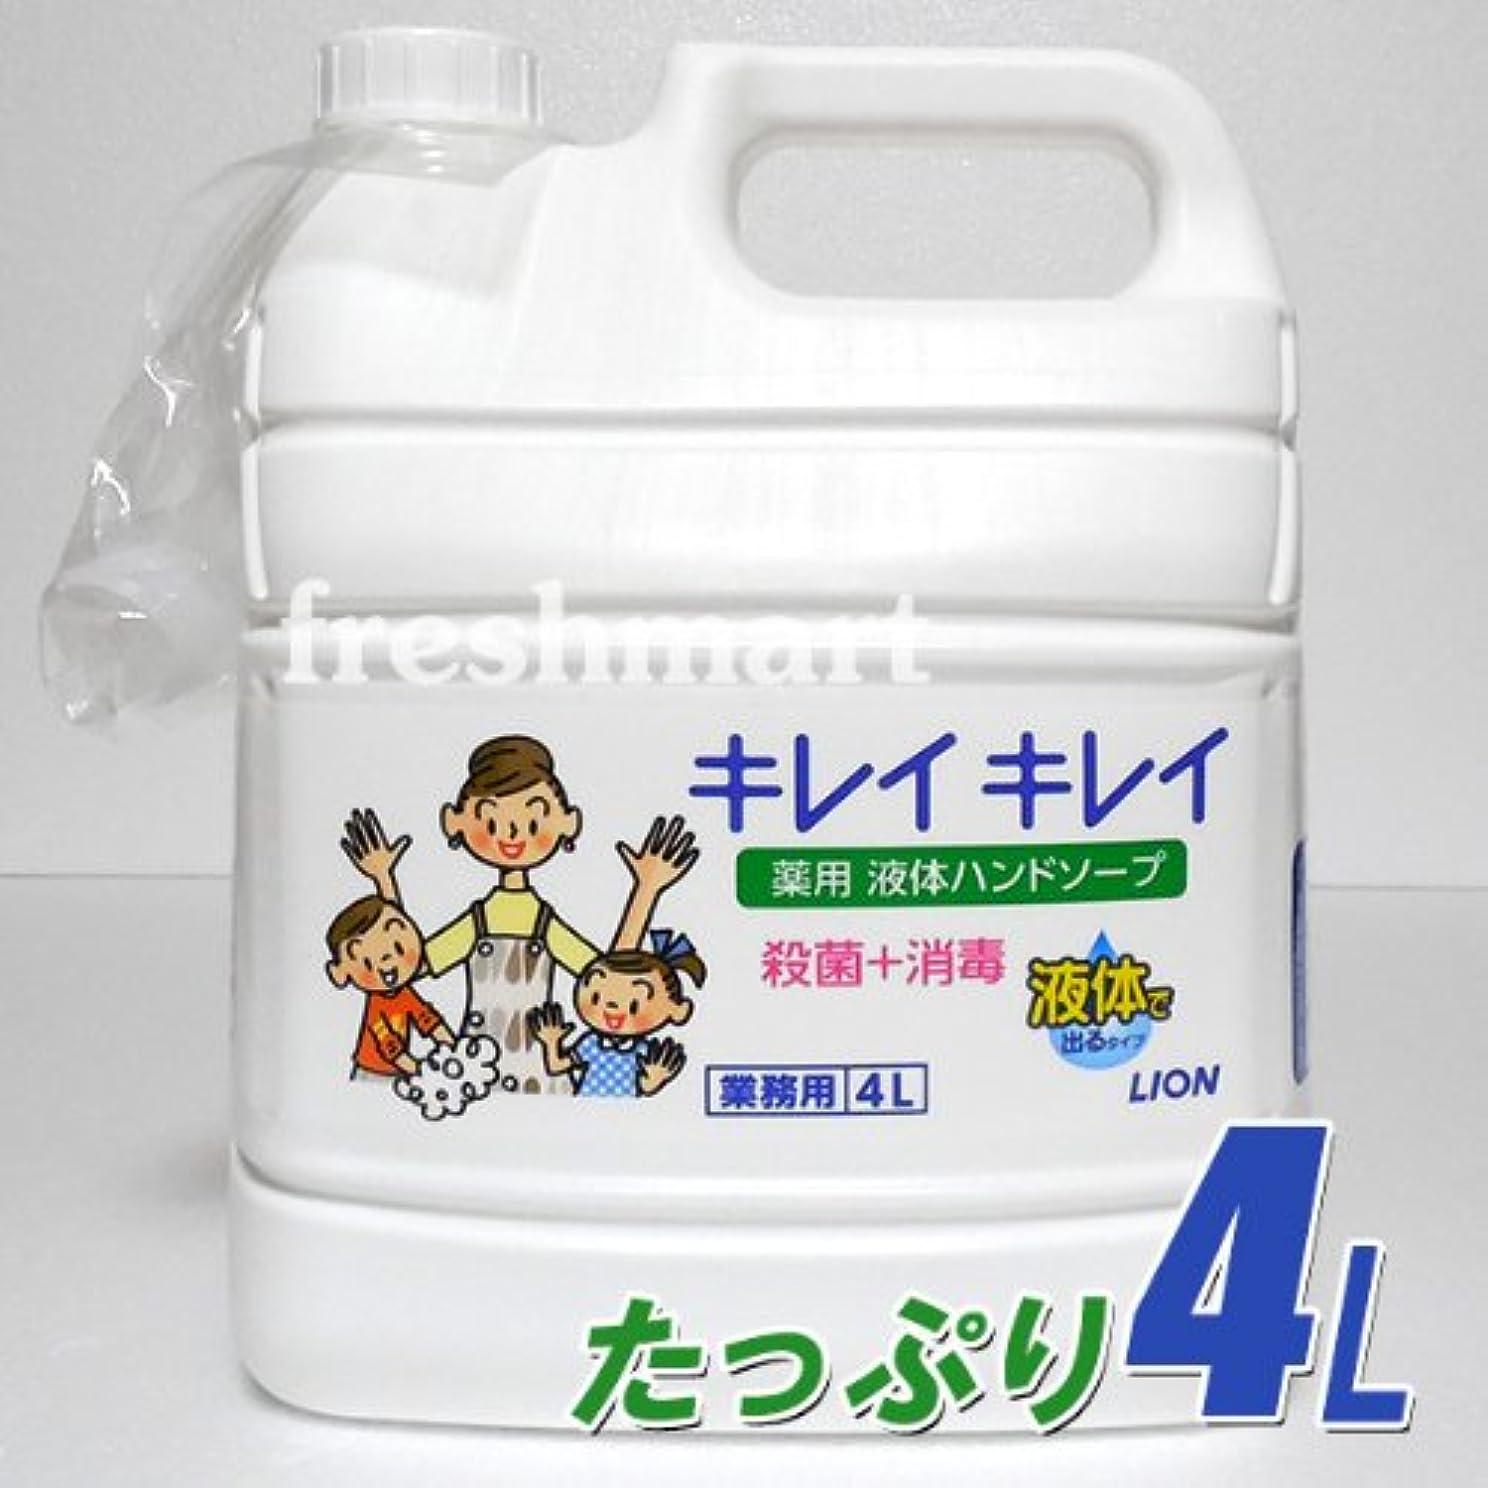 コショウパーティションめる☆100%植物性洗浄成分使用☆ ライオン キレイキレイ 薬用液体ハンドソープ つめかえ用4L 業務用 大容量 ボトル